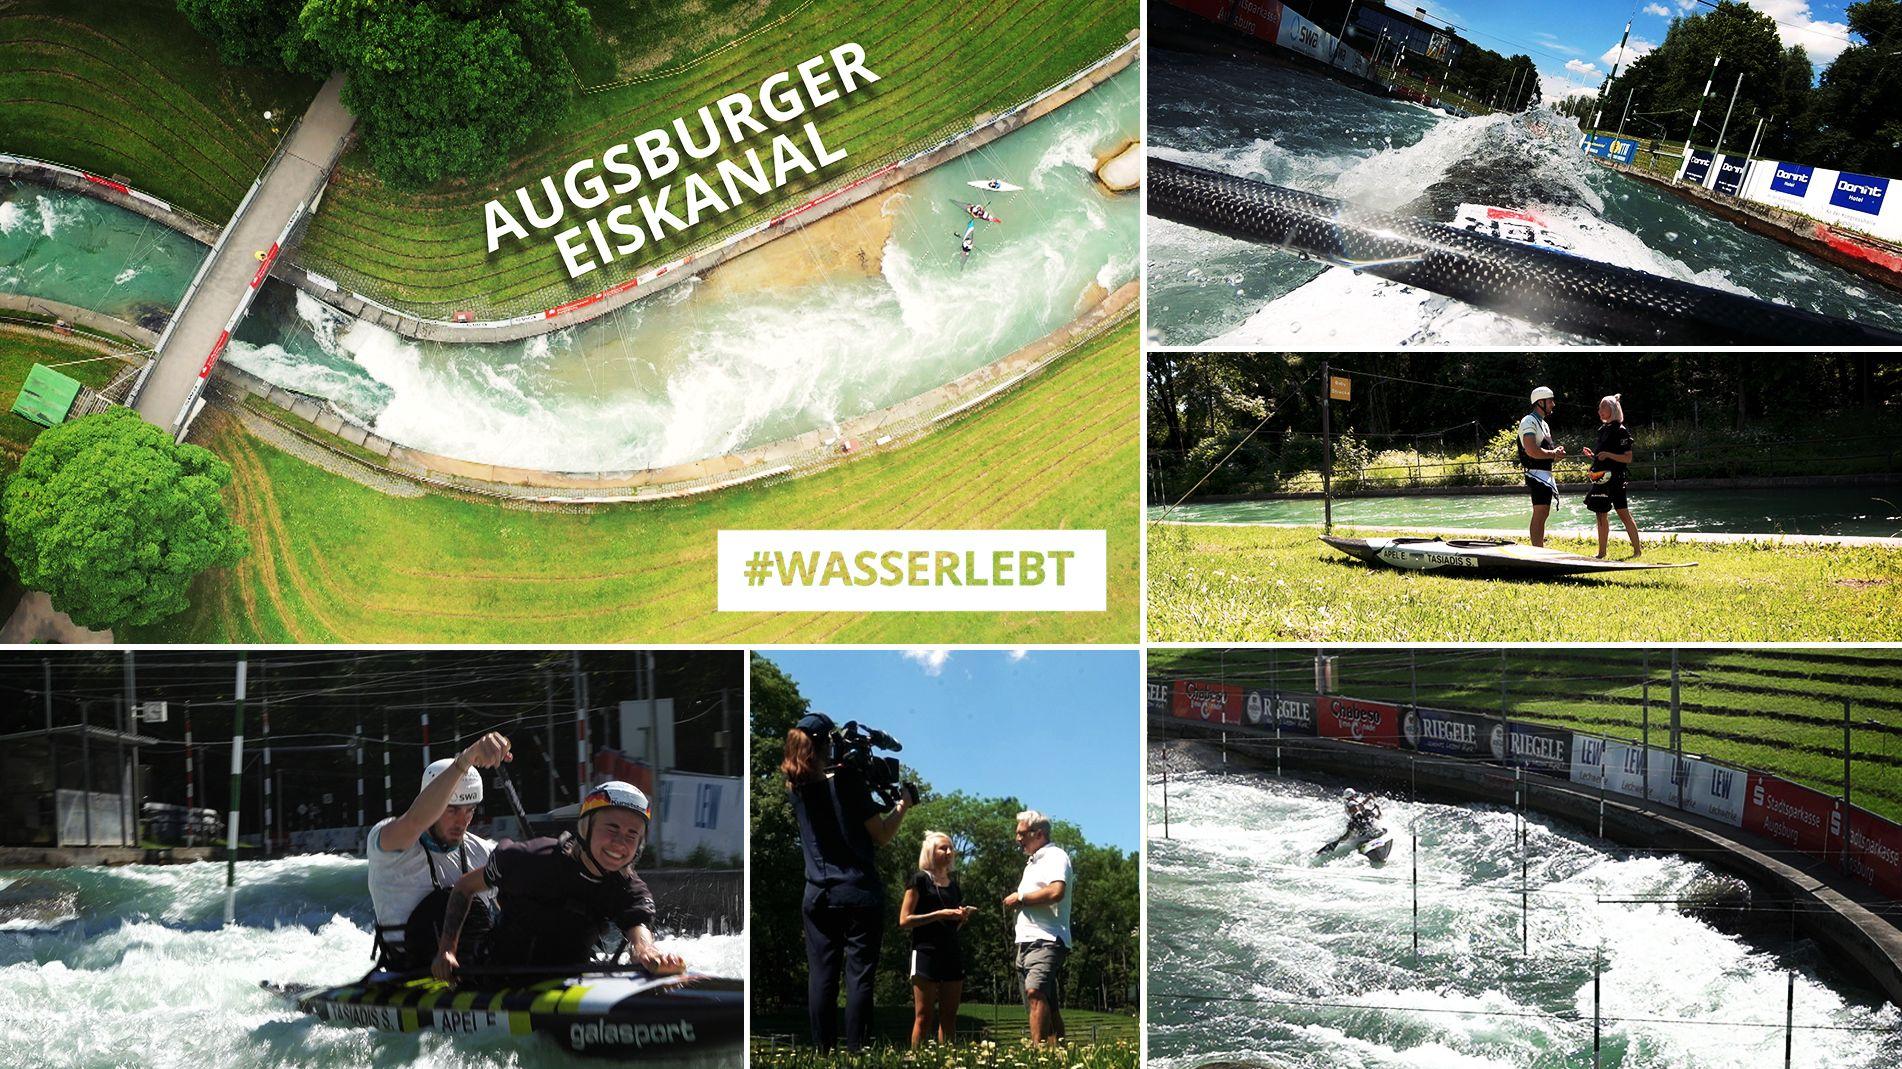 Der Augsburger Eiskanal.